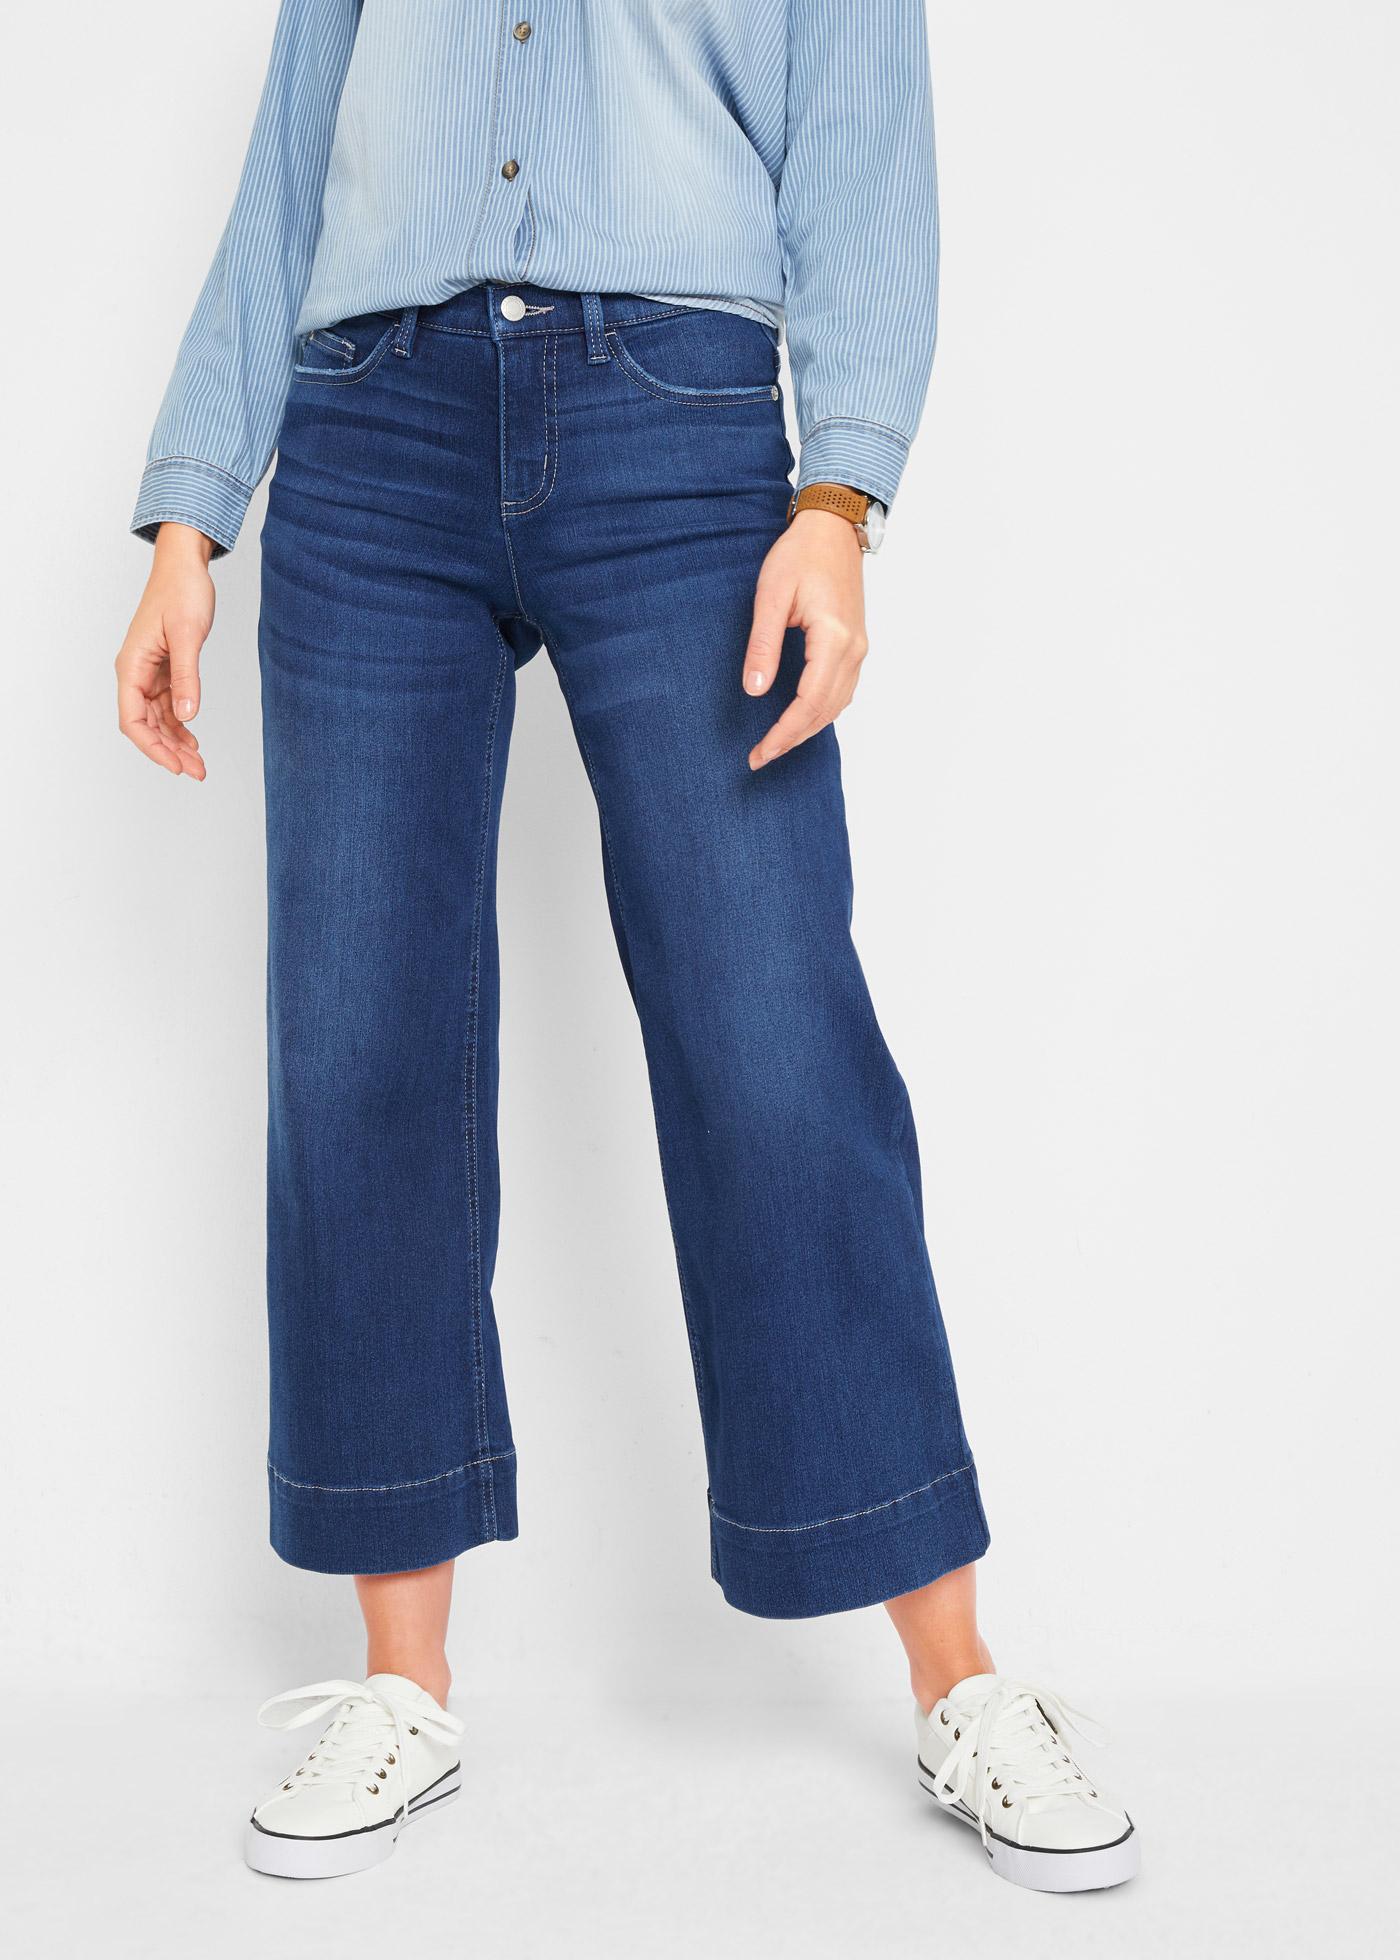 Supersoft stretch jeans culotte